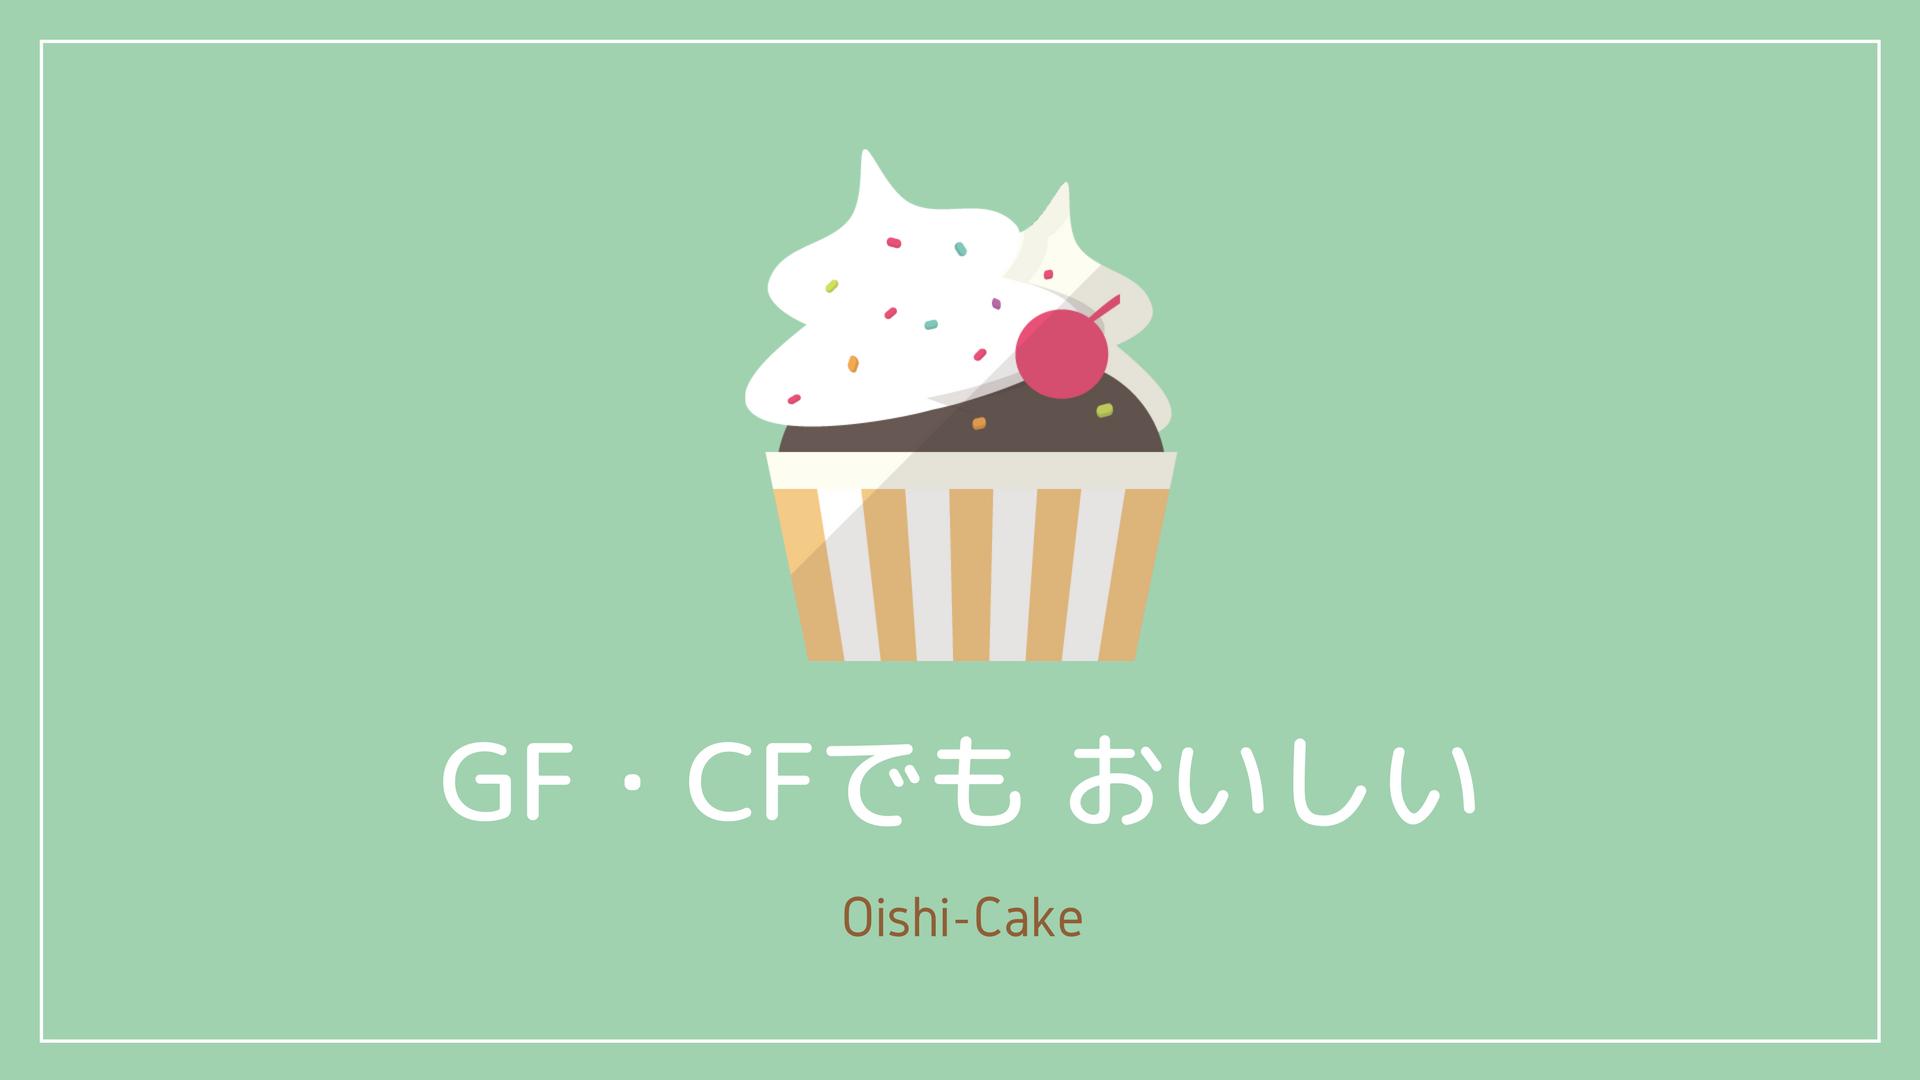 グルテンフリー、カゼインフリーで美味しいケーキのご紹介